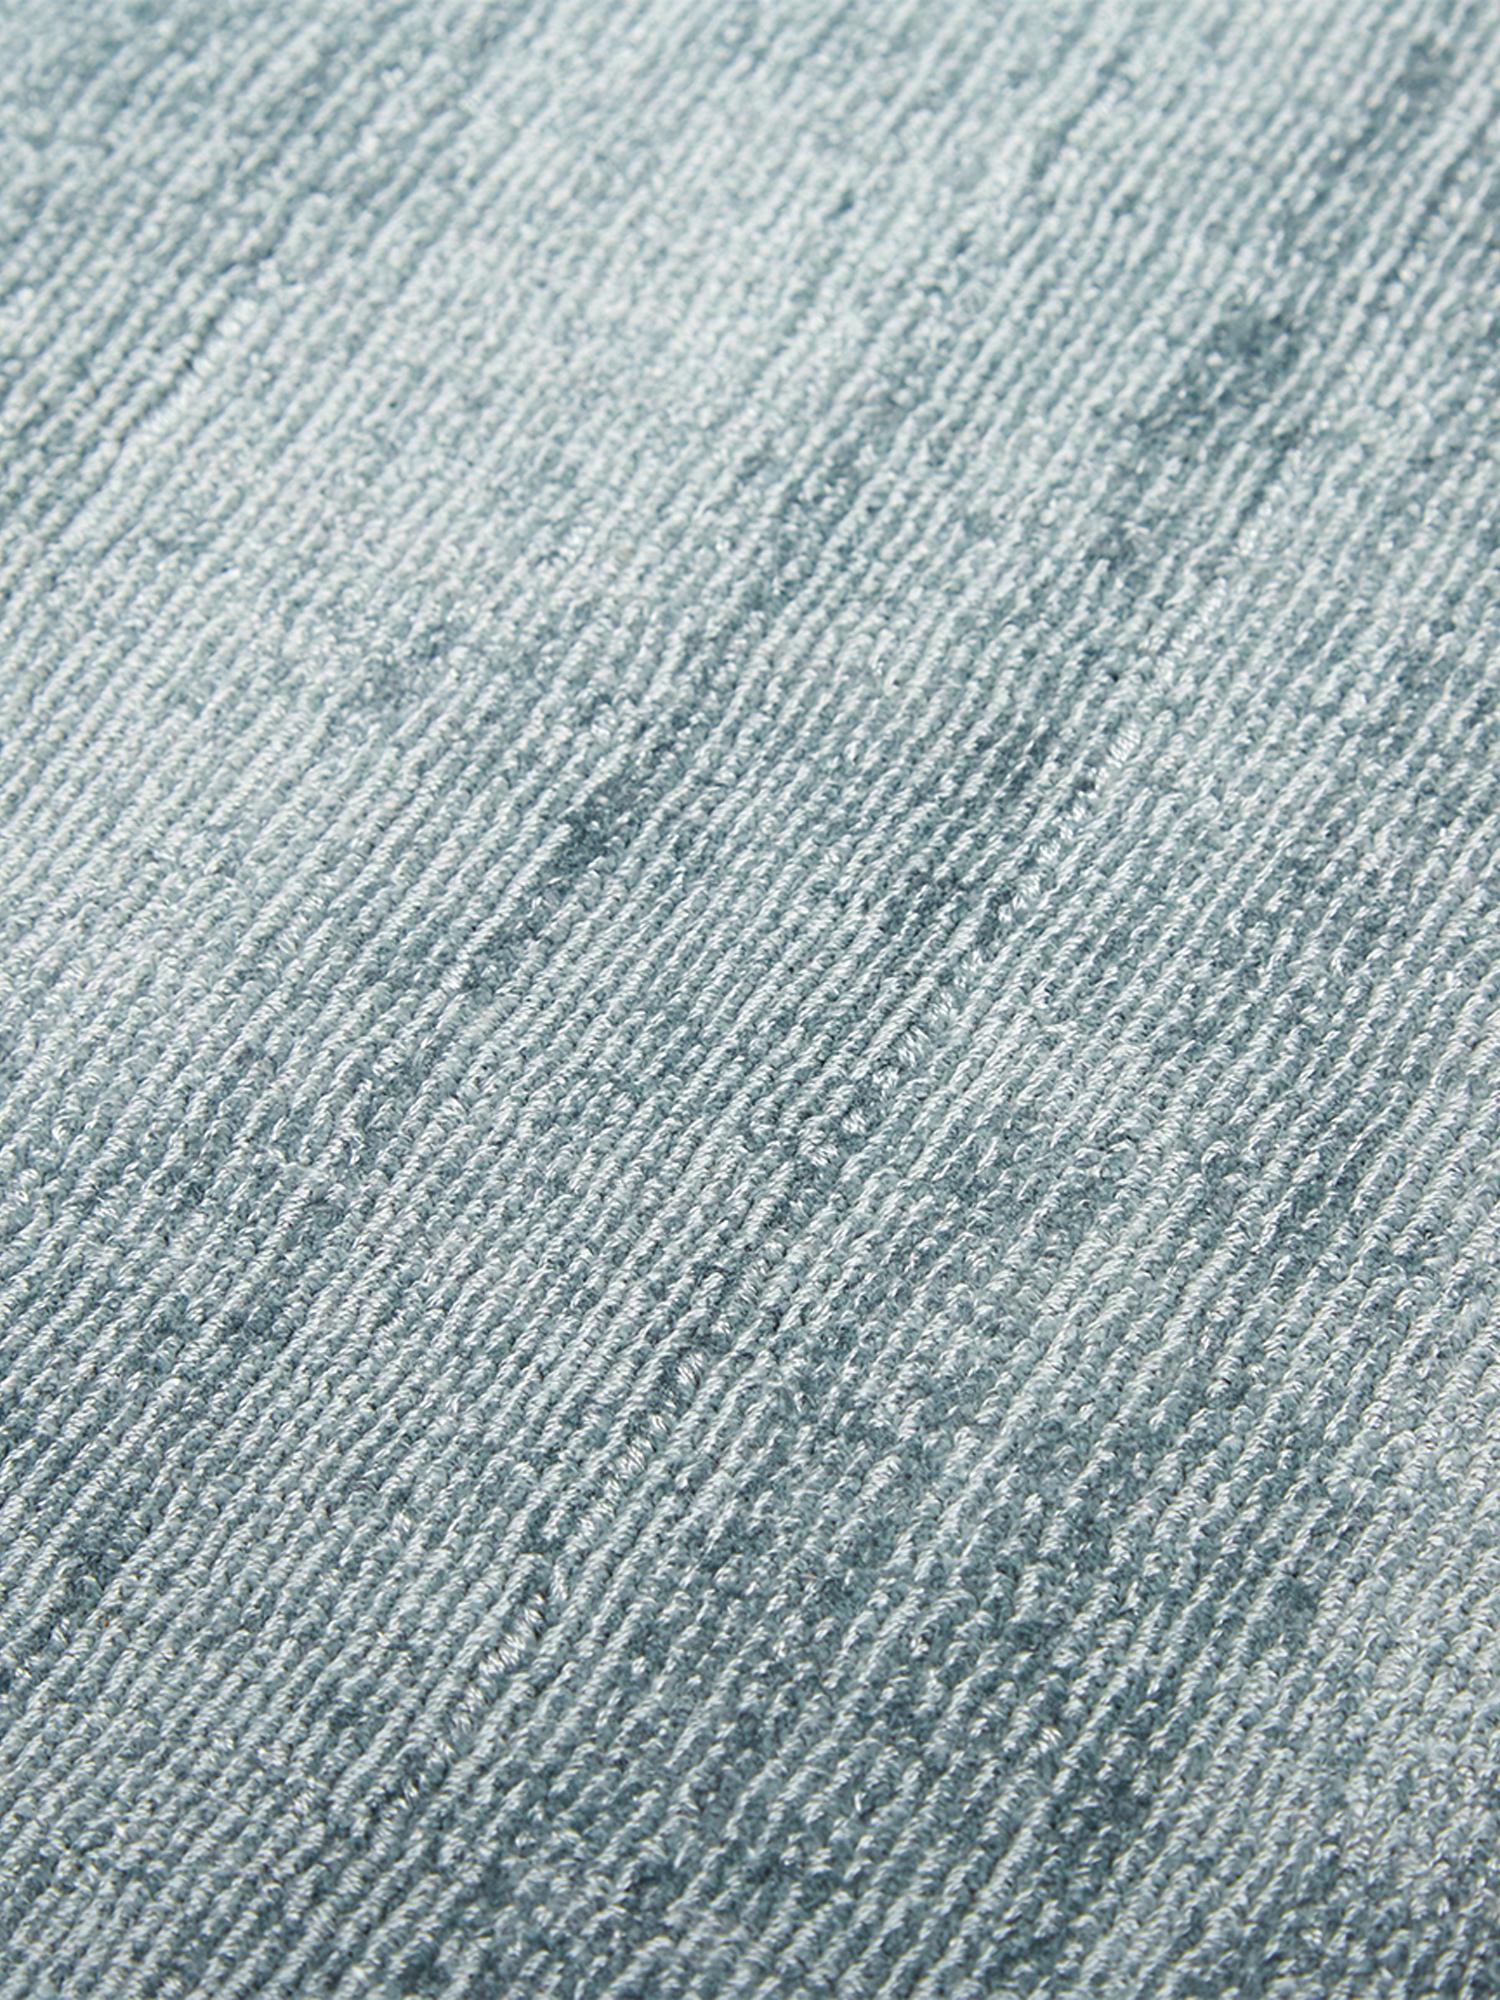 Tappeto in viscosa tessuto a mano Jane, Retro: 100% cotone, Blu ghiaccio, Larg.160 x Lung. 230 cm  (taglia M)